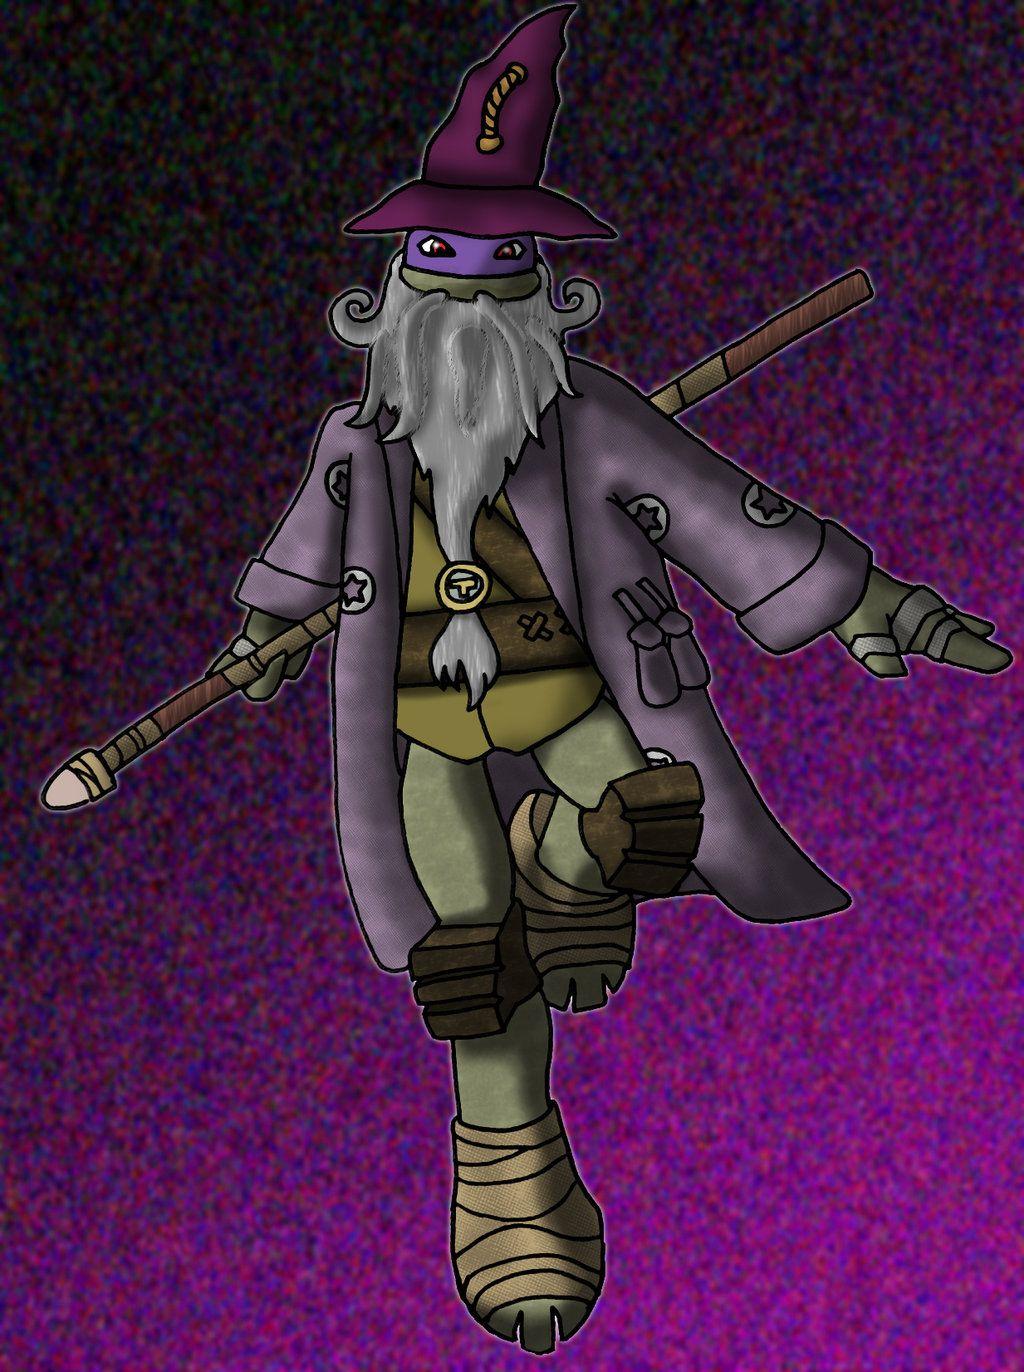 Donnie Cosplay by kelligrafie.deviantart.com on @DeviantArt